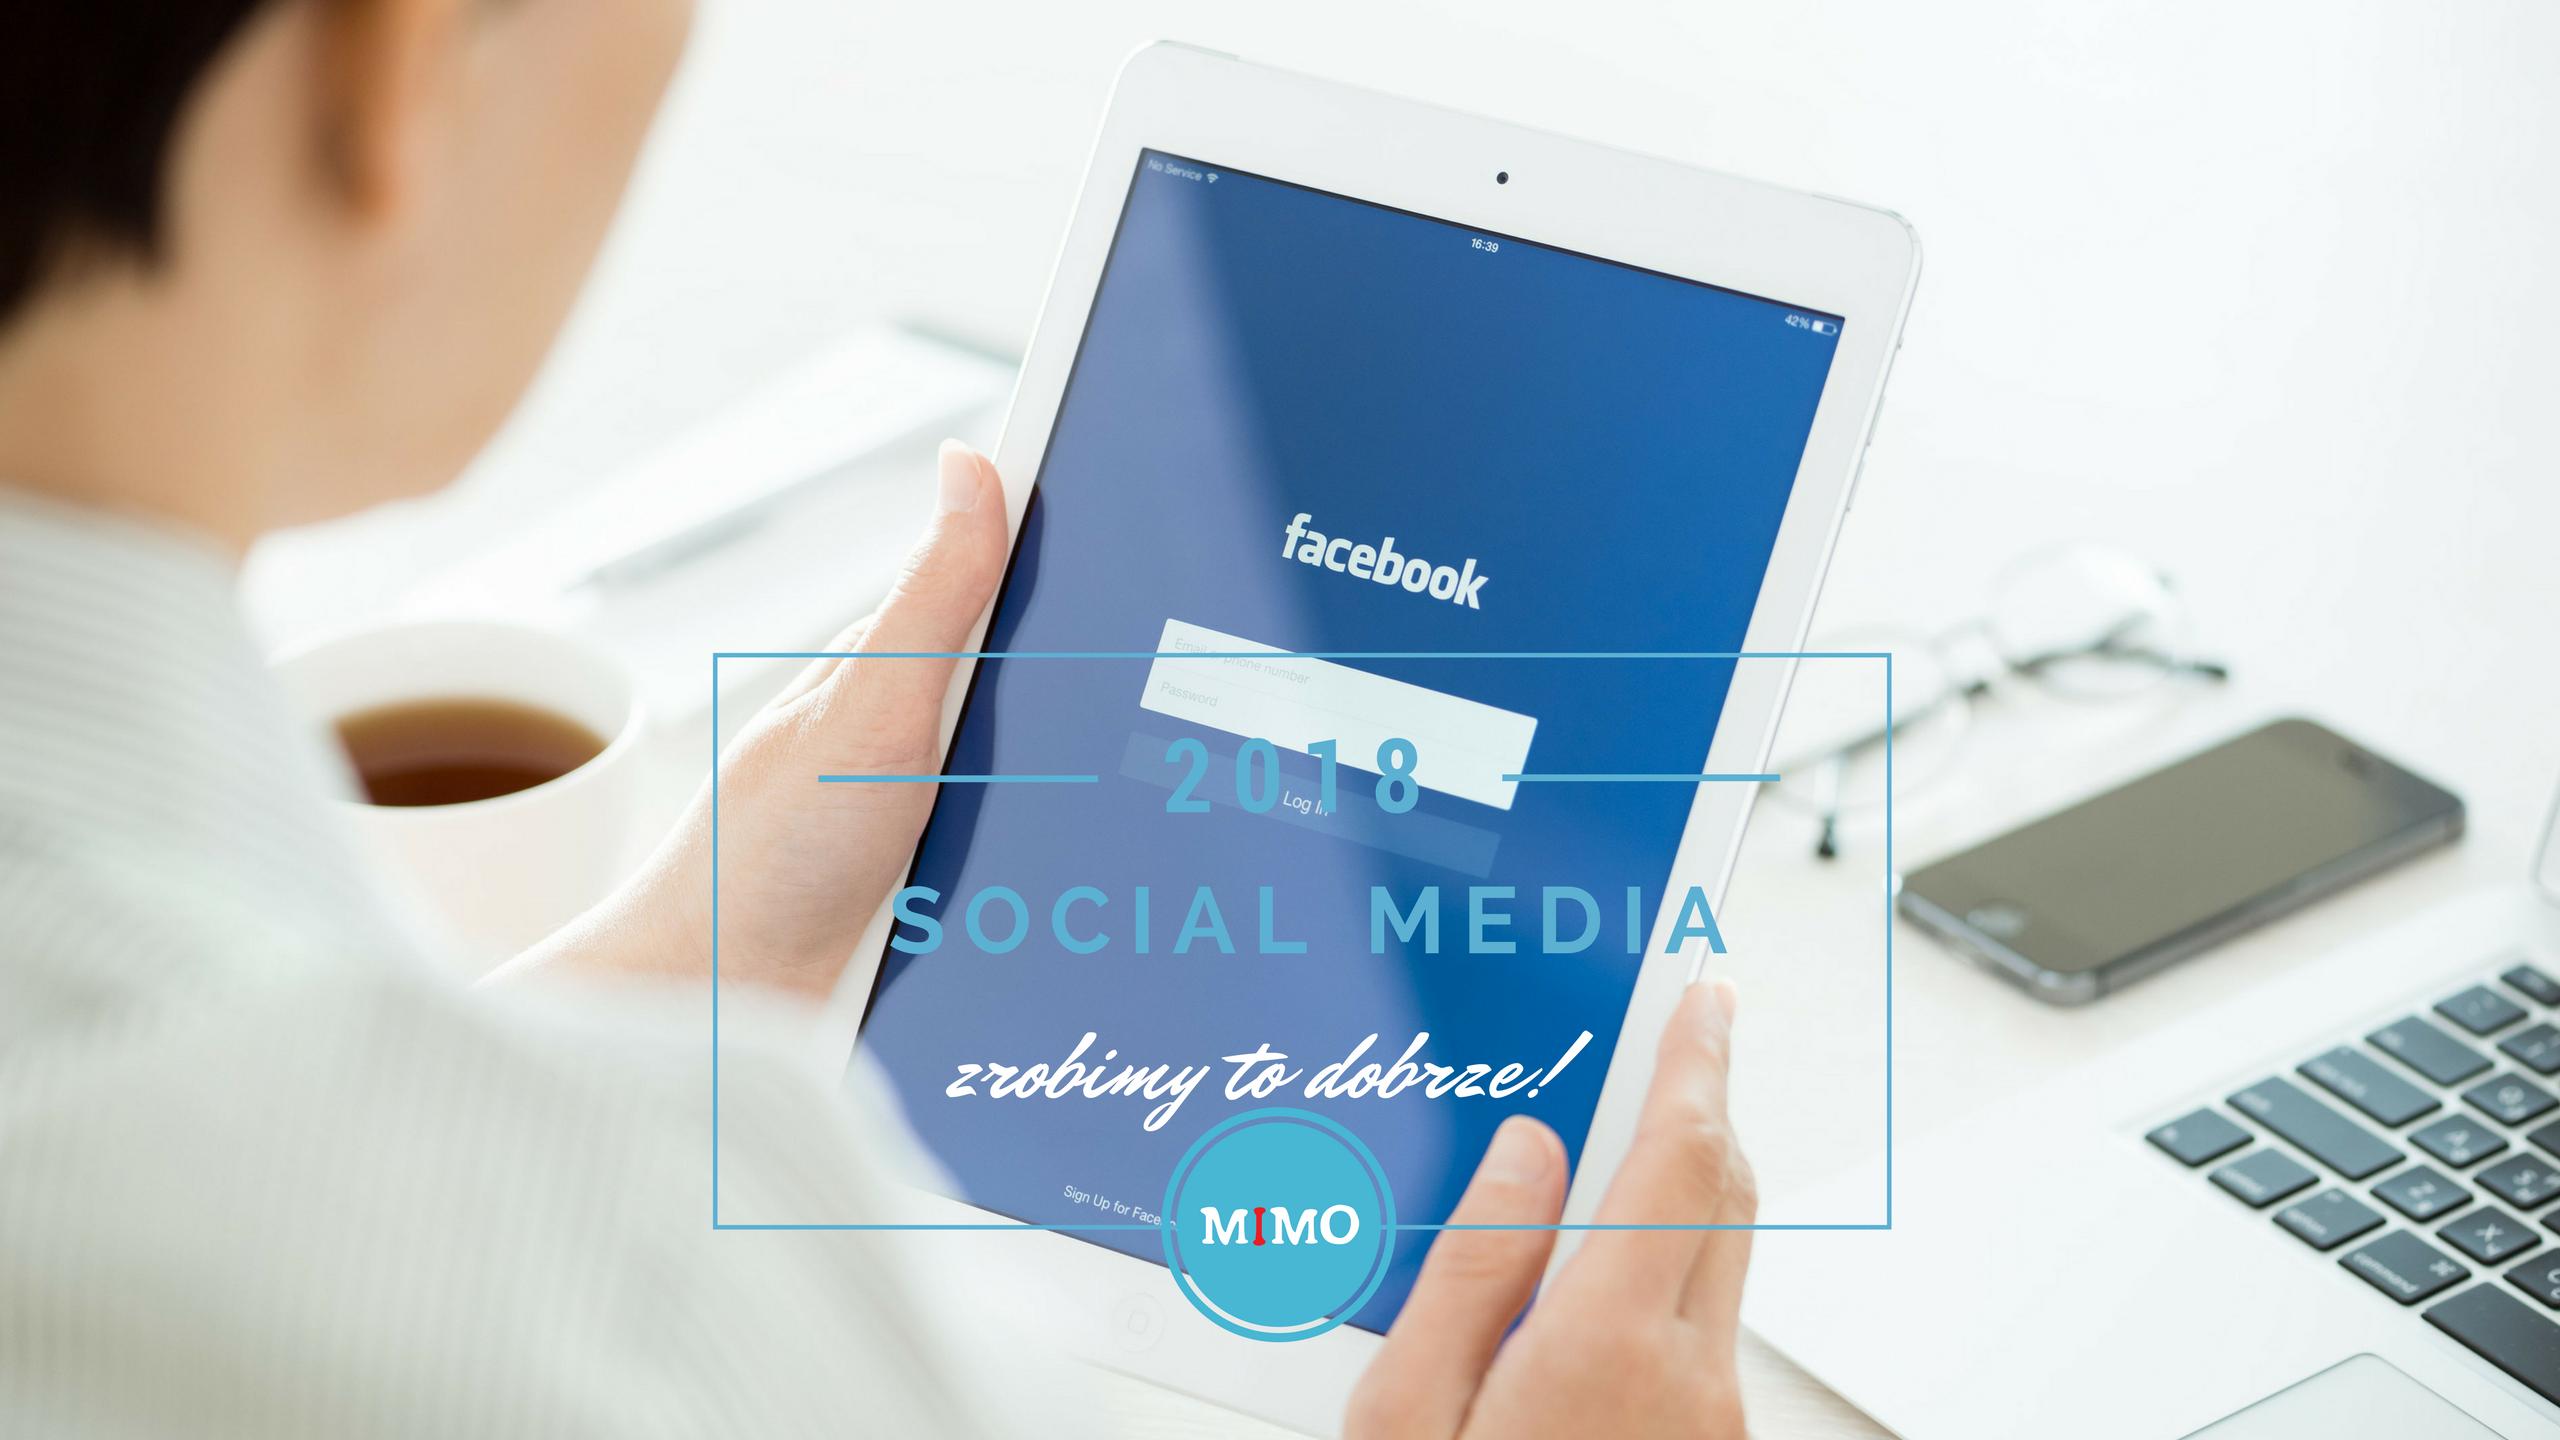 agencja social media i pracownia kreatywna w jednym: tworzymy strony www, sklepy internetowe, prowadzenie socialmedia